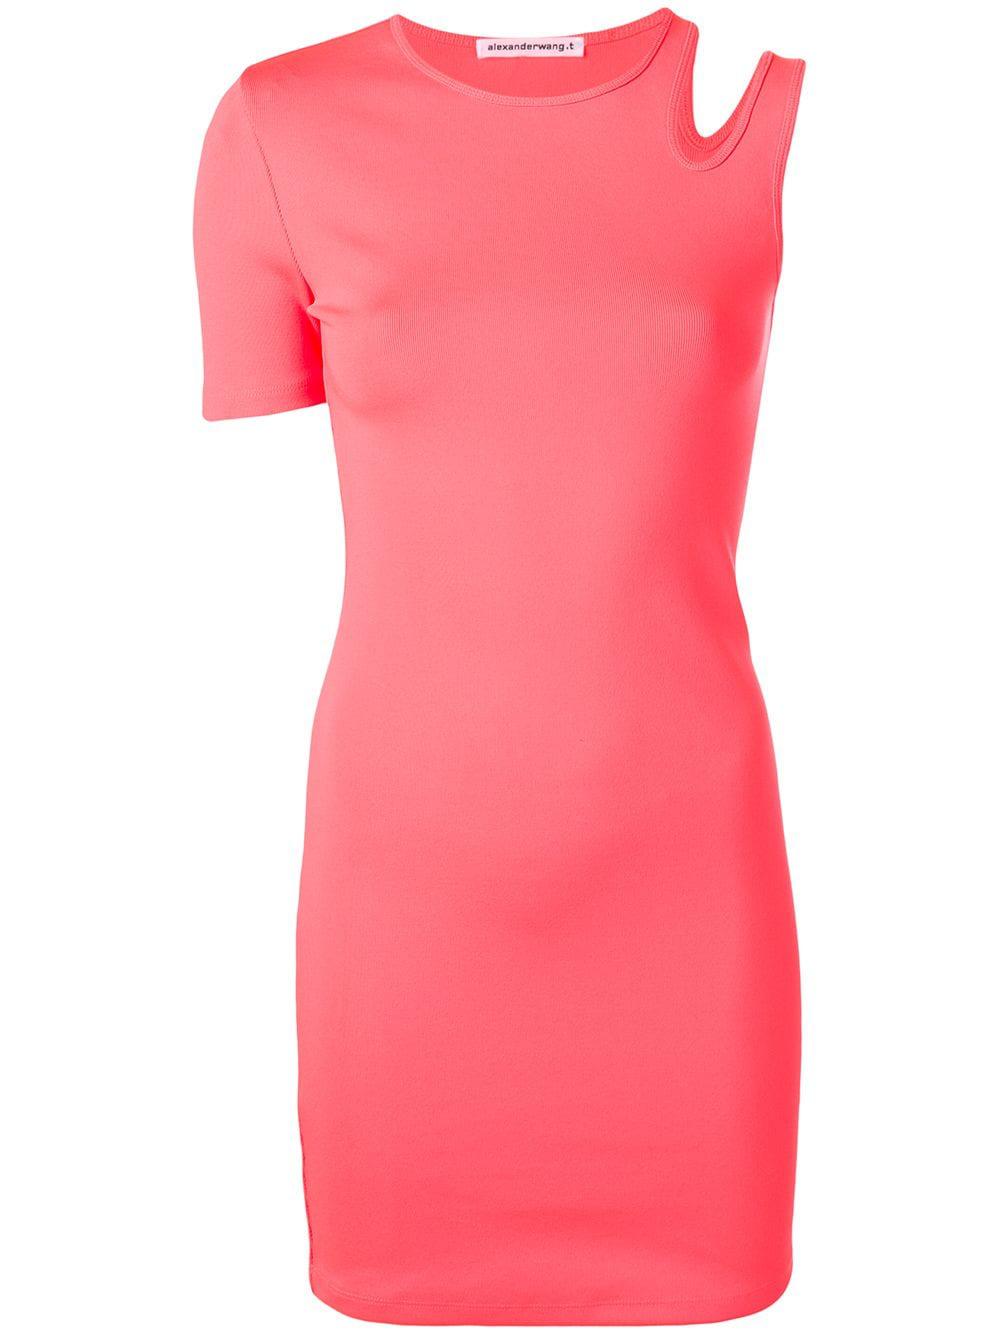 bfa7654e59 T By Alexander Wang Asymmetrical T-Shirt Dress - Pink | ModeSens